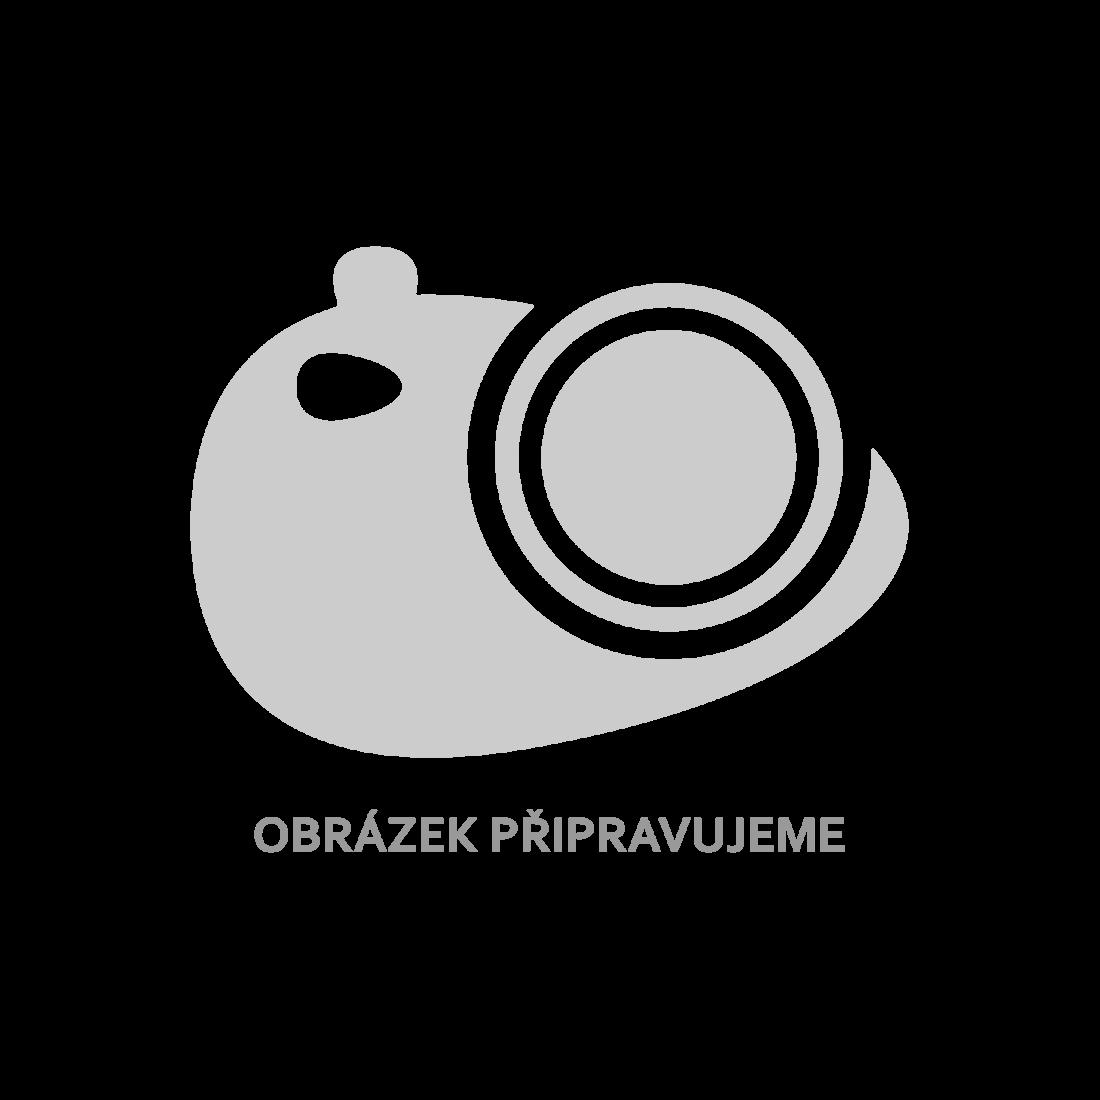 Plakát Giant Art Zebra černobílá, 175 x 115 cm